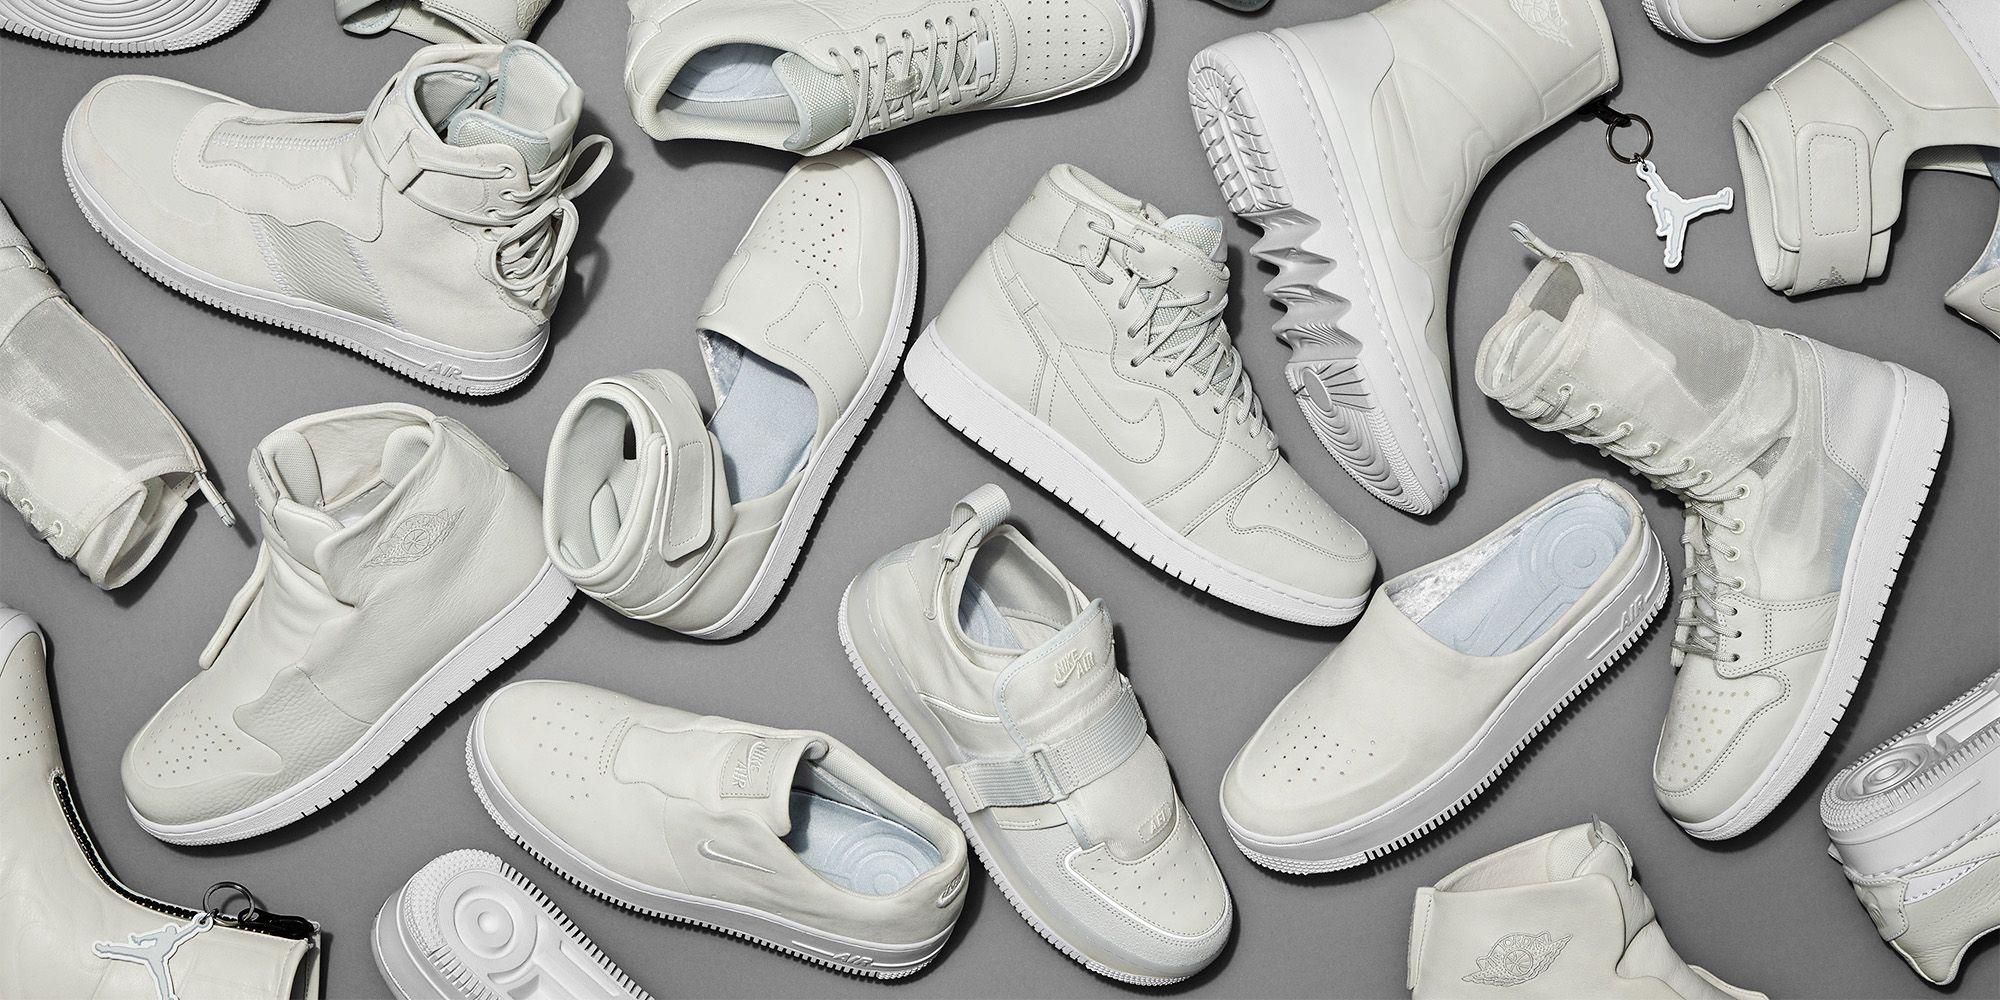 Nike Acaba Zapas De Reinventa Sus Dos Zapas Acaba Mas Emblematicas Y Los Resultados 8702e3